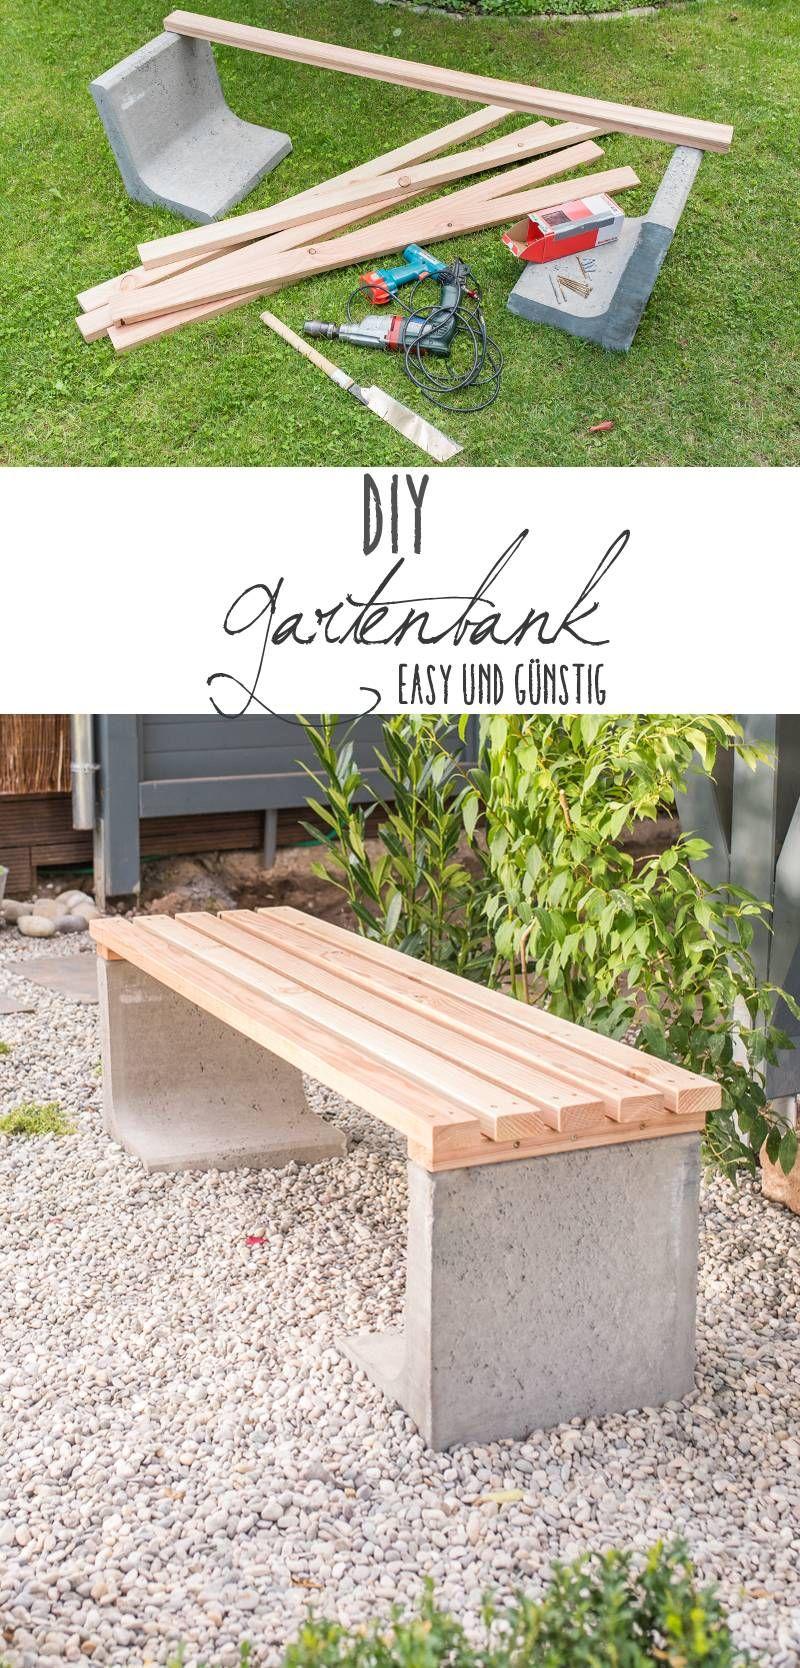 Diy Gartenbank Mit Beton Und Holz Garten Garten Garten